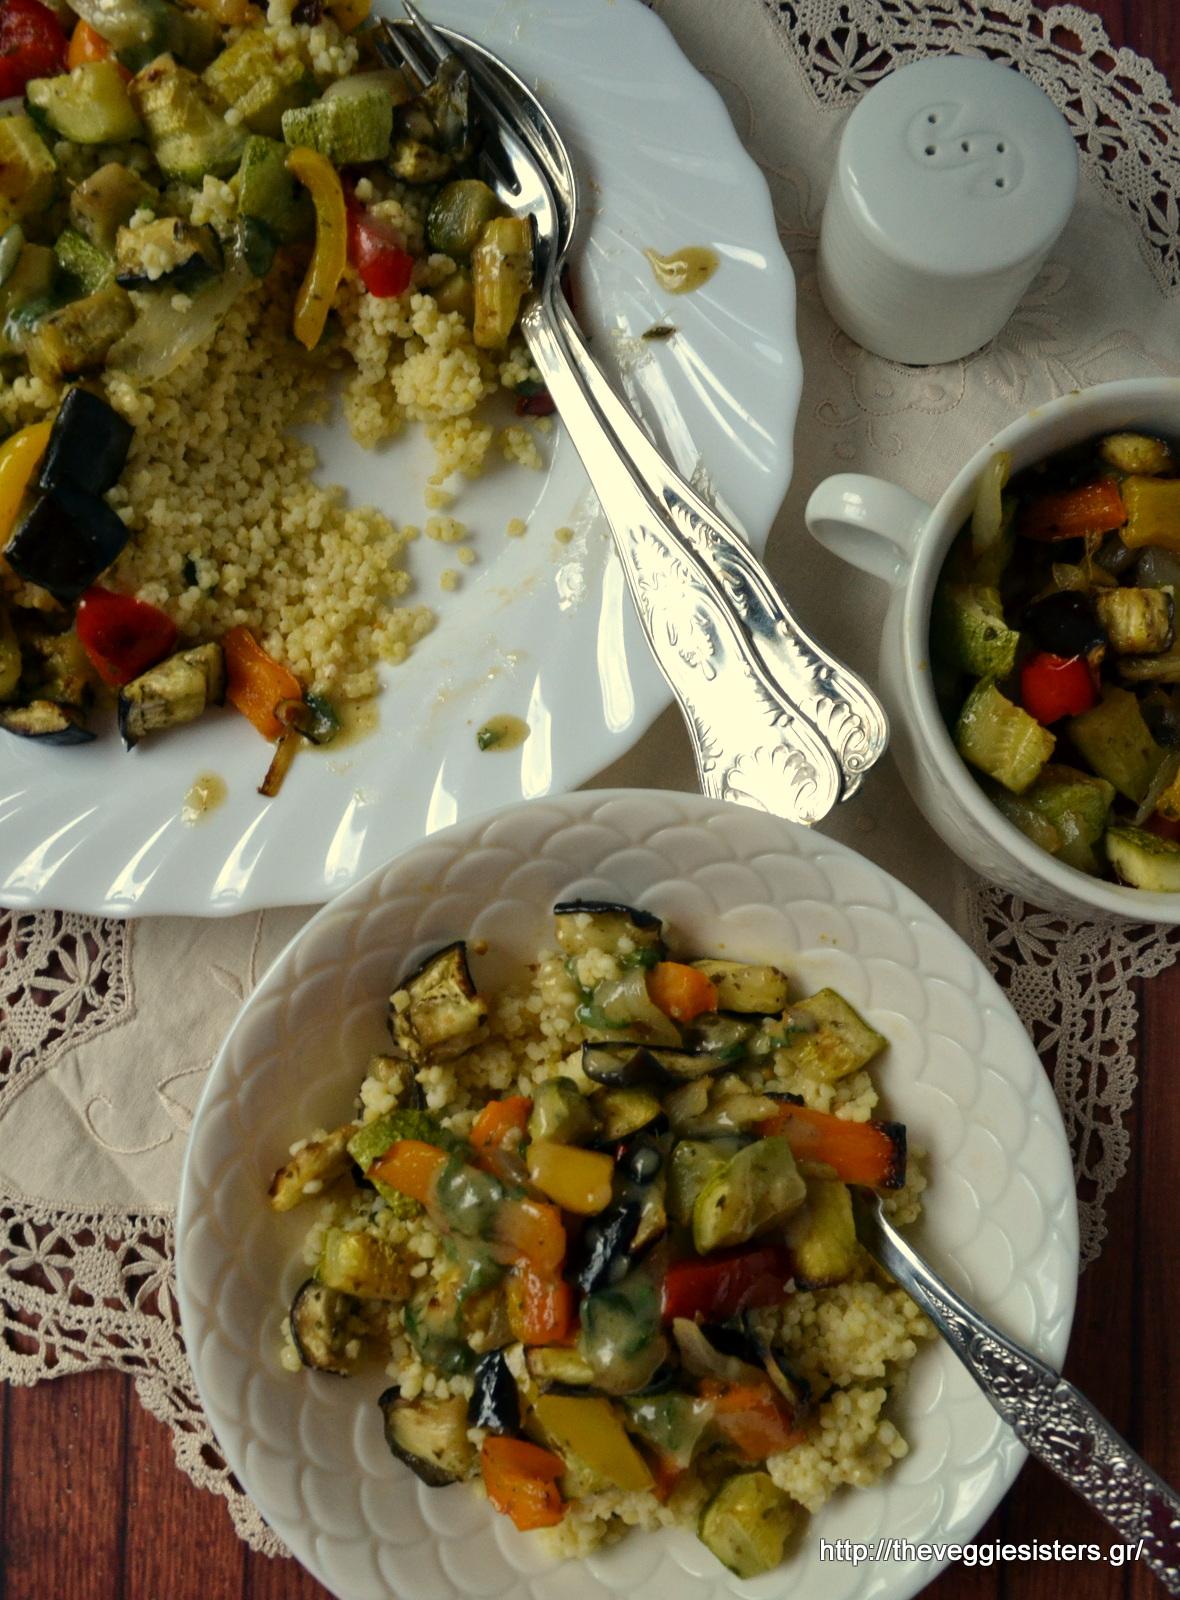 Κεχρί με ψητά λαχανικά κ σάλτσα από ταχίνι - Roasted veggie millet with tahini sauce